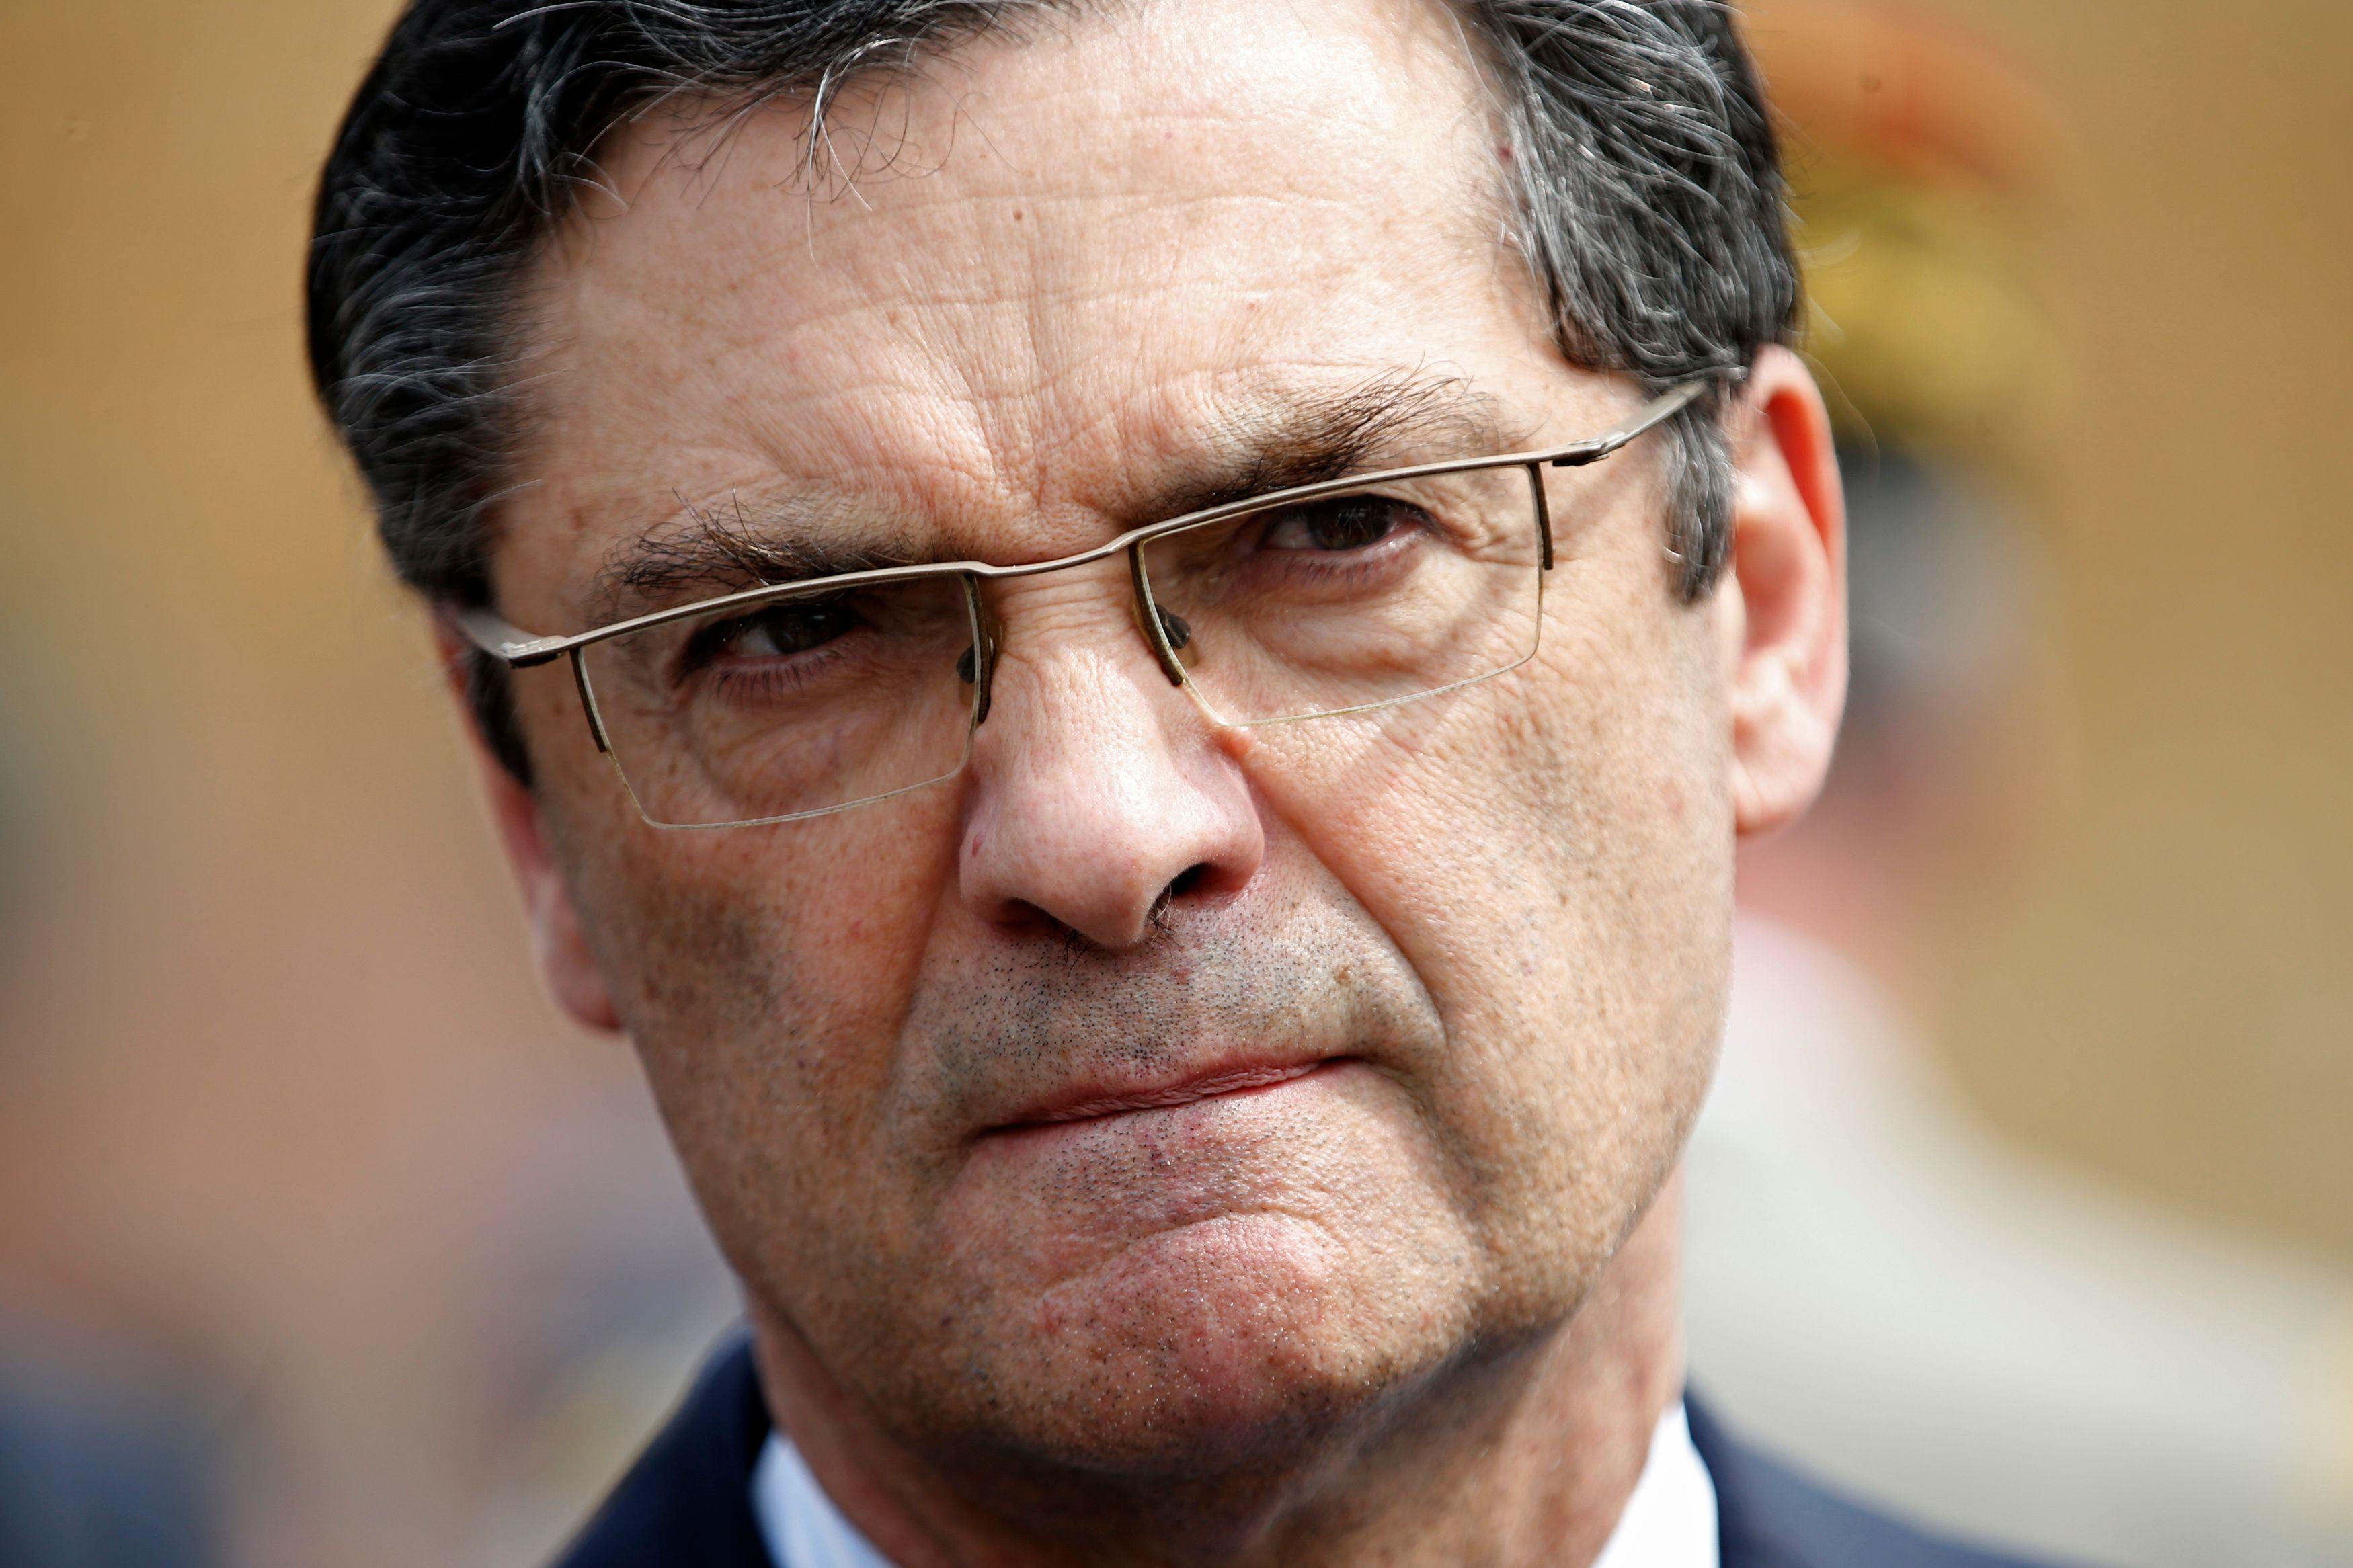 Le député des Hauts-de-Seine Patrick Devedjian